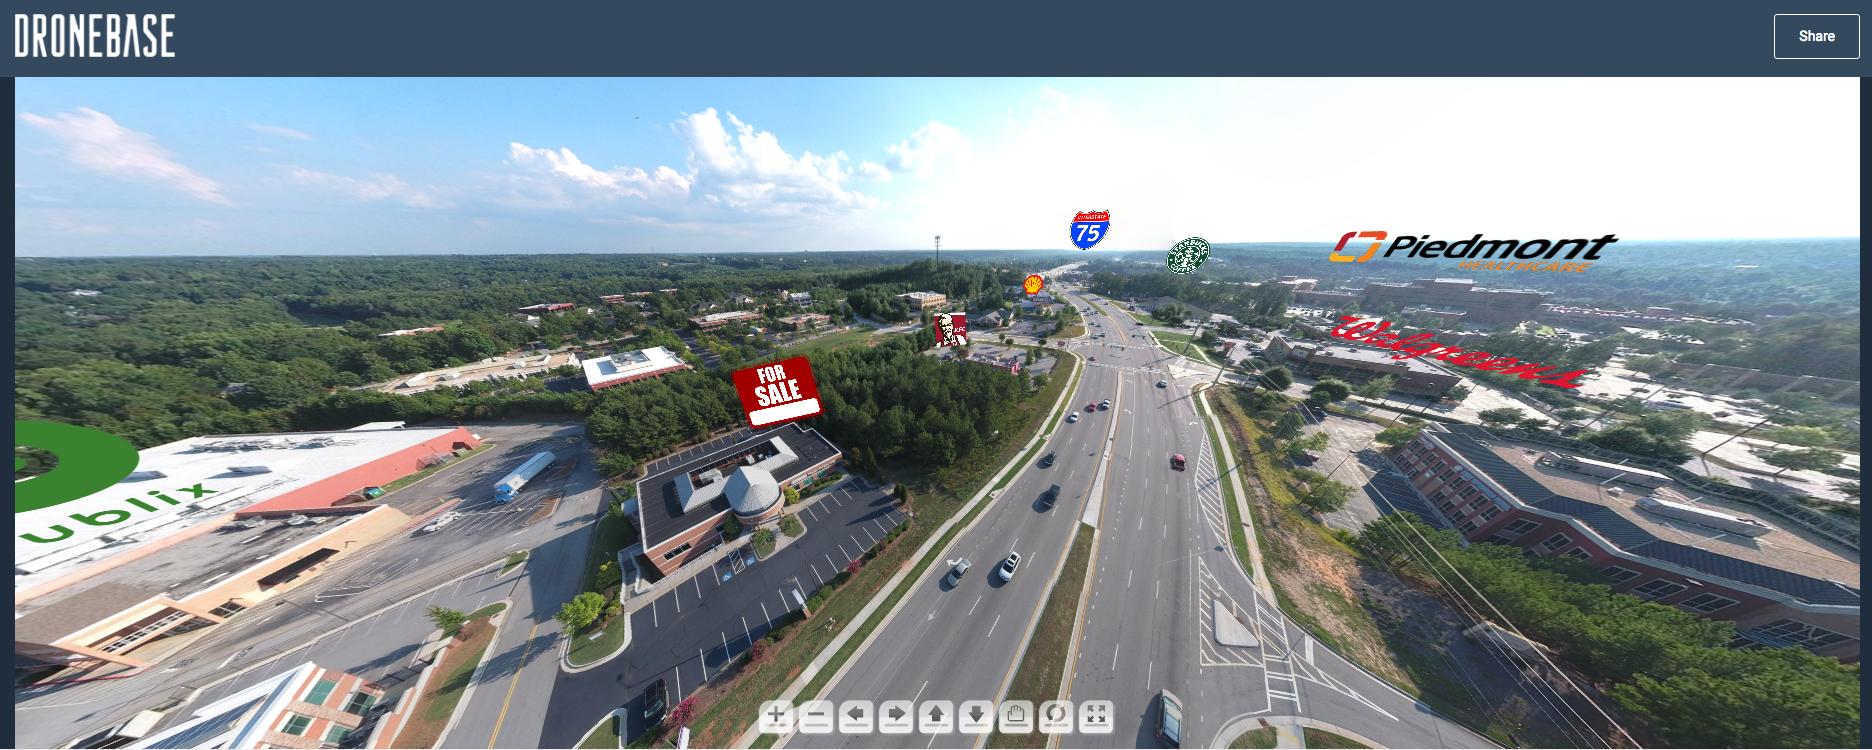 DroneBase 360 degree Panorama